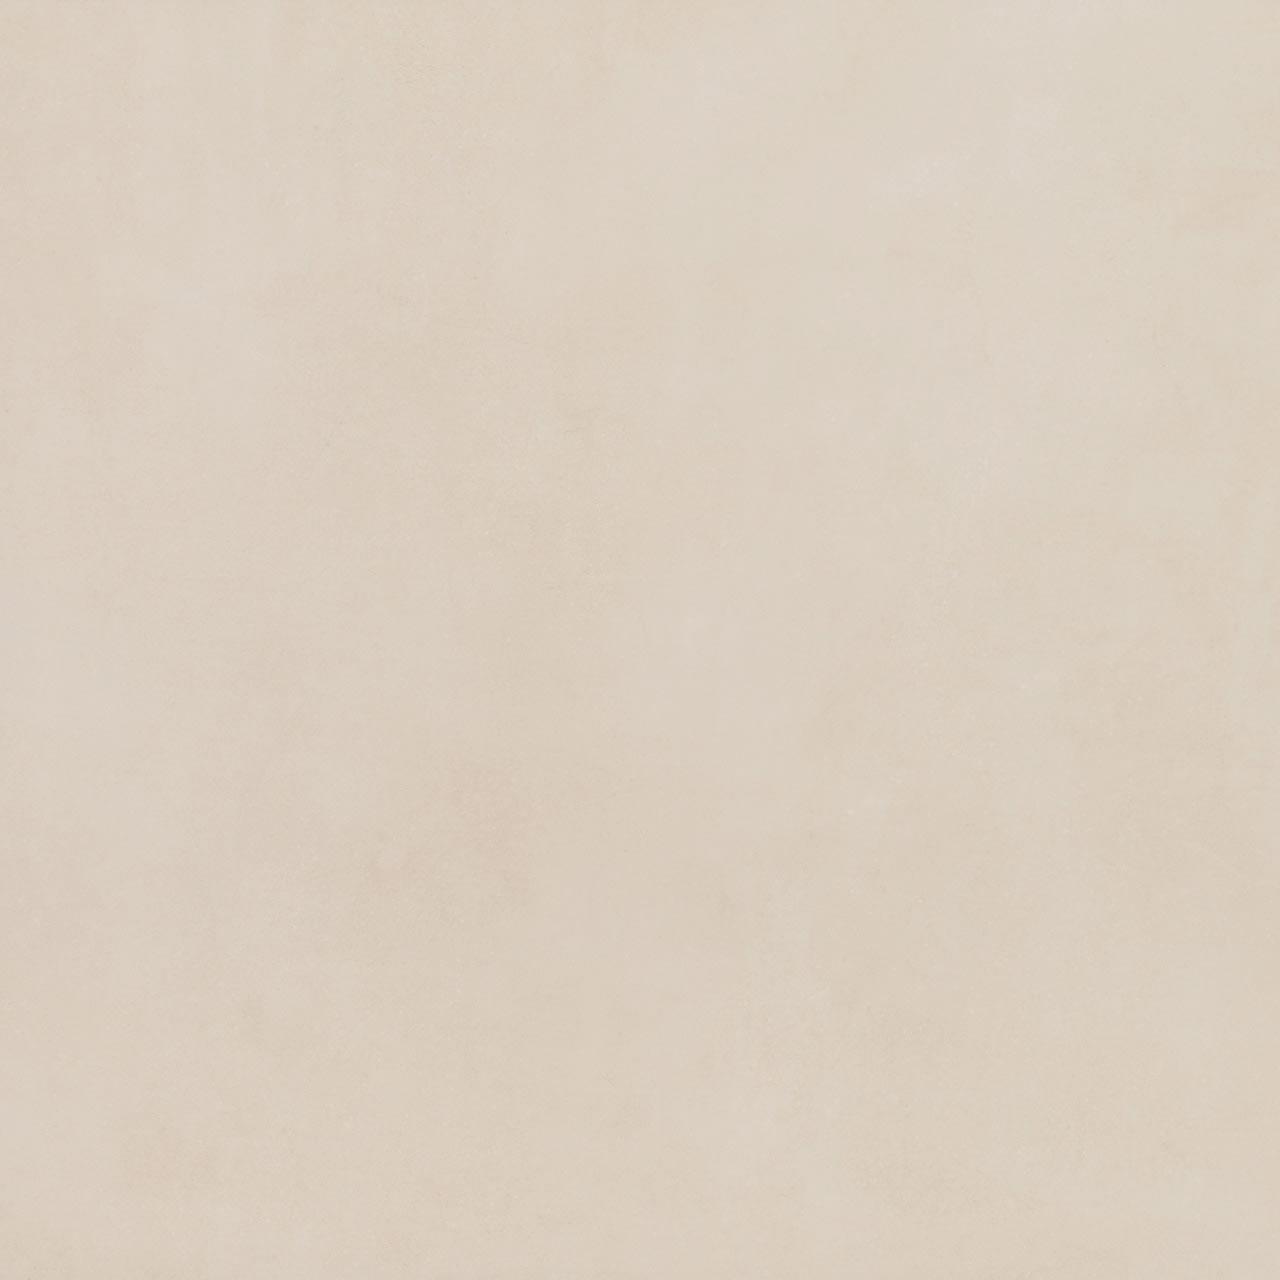 munari marfim ext 60×60